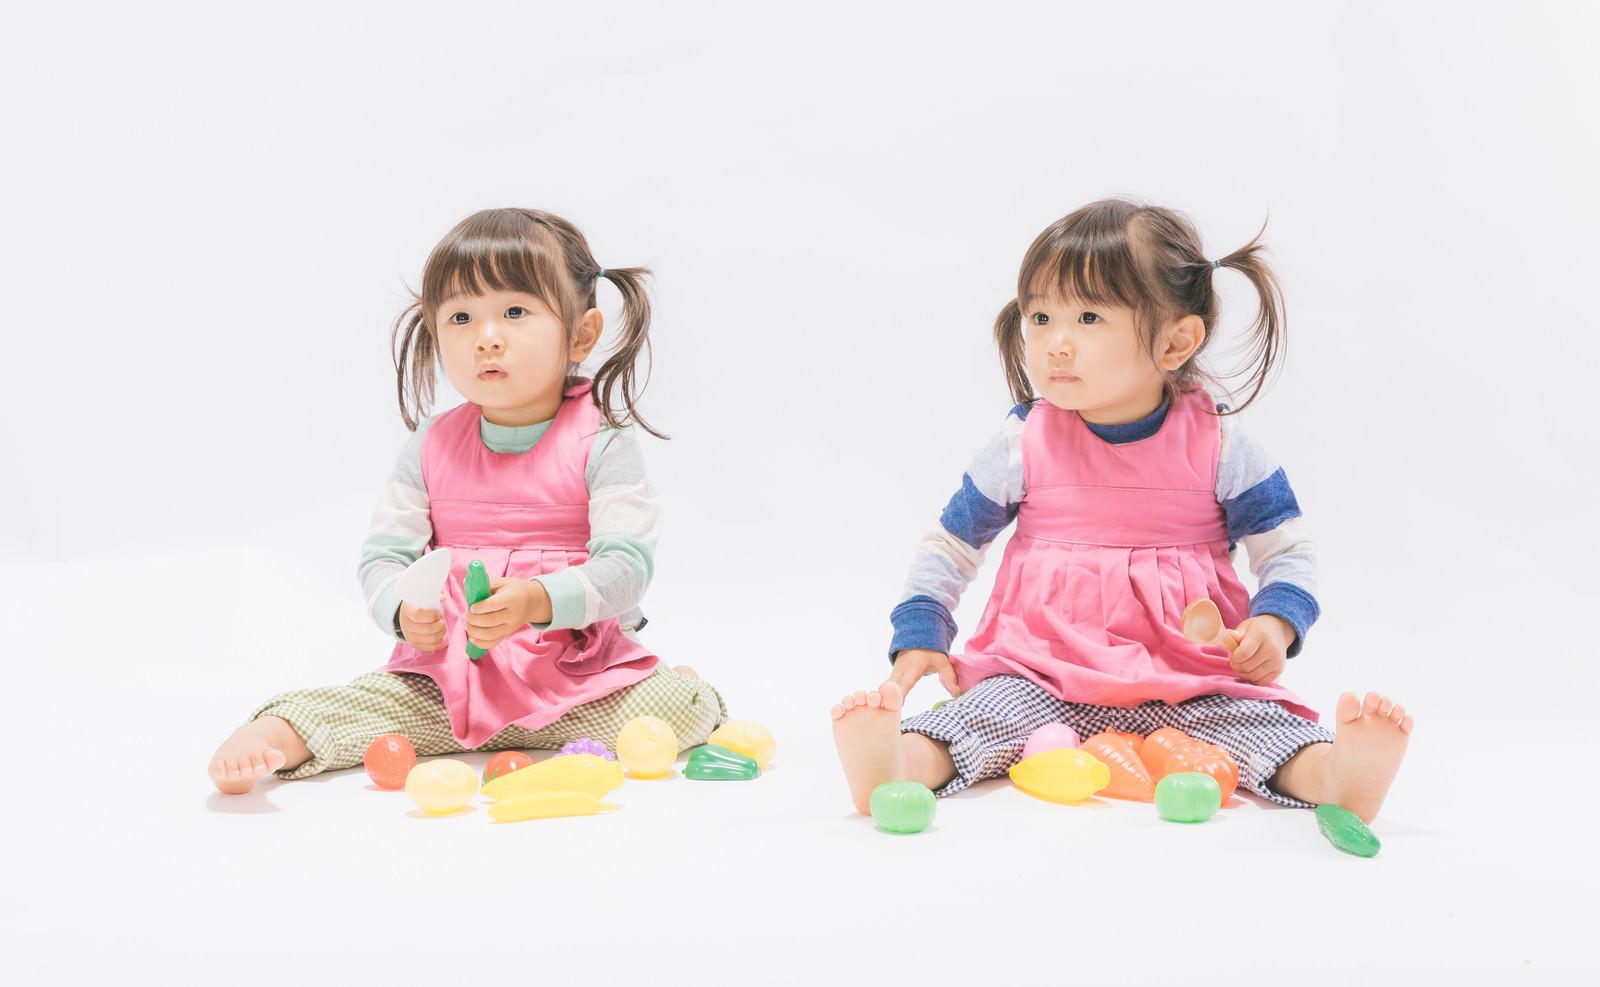 「おままごとする双子の子供」の写真[モデル:あおみどり]